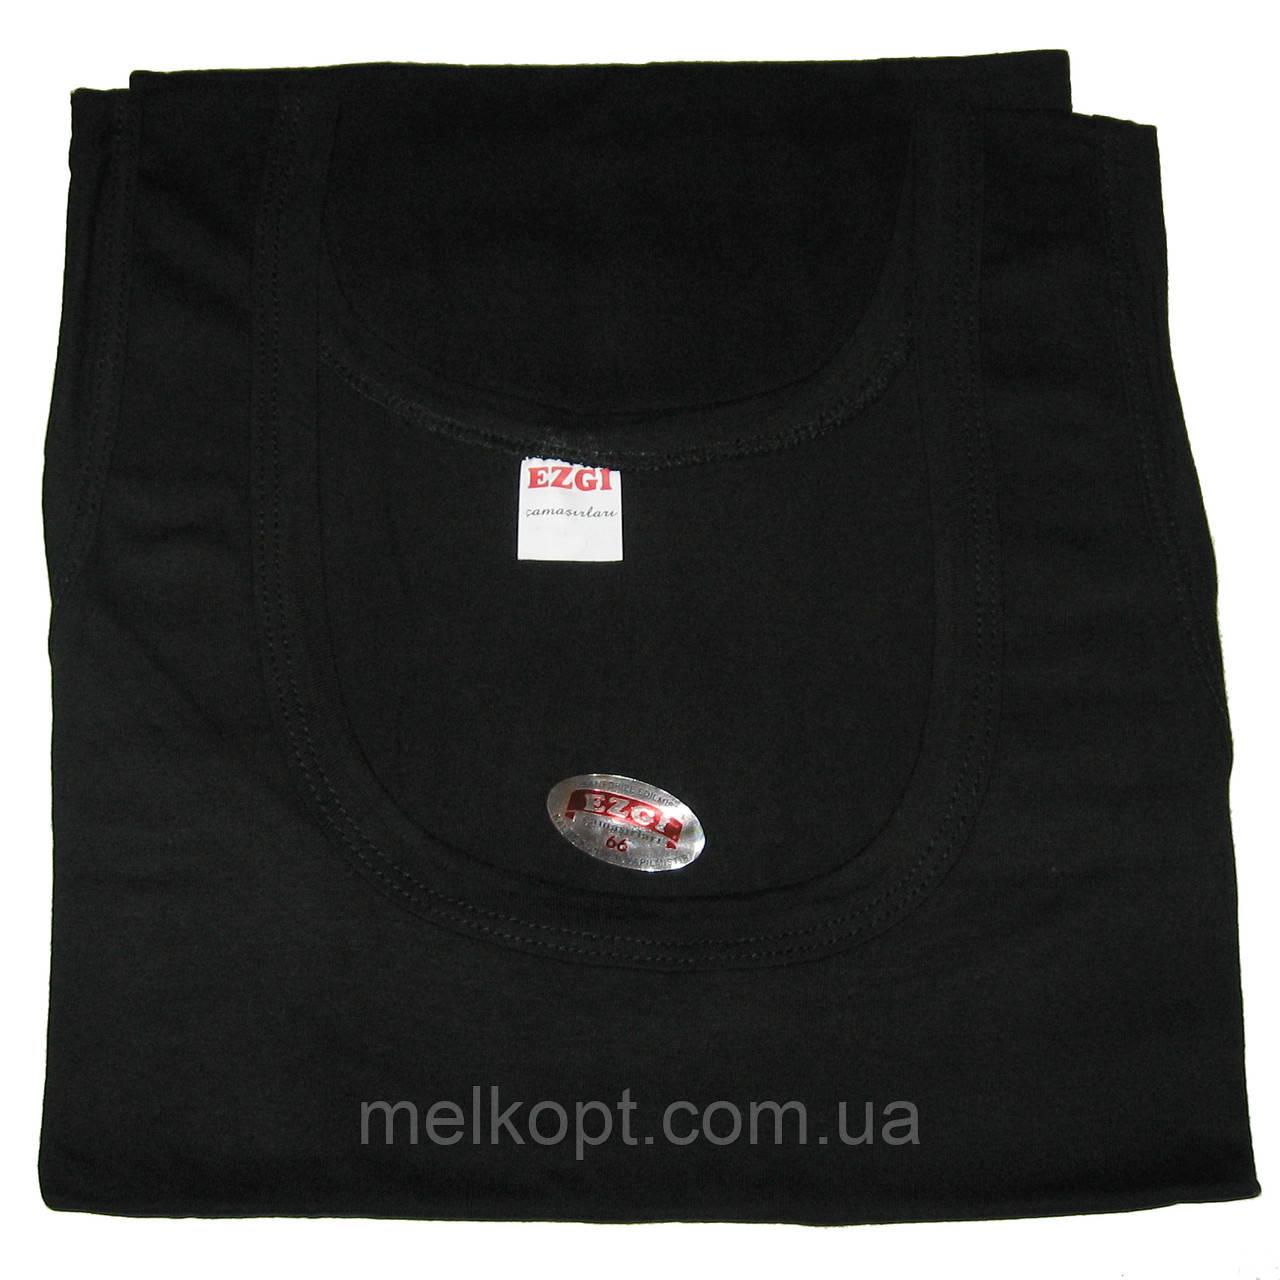 Мужские майки Ezgi - 46,00 грн./шт. (60-й размер, черные)